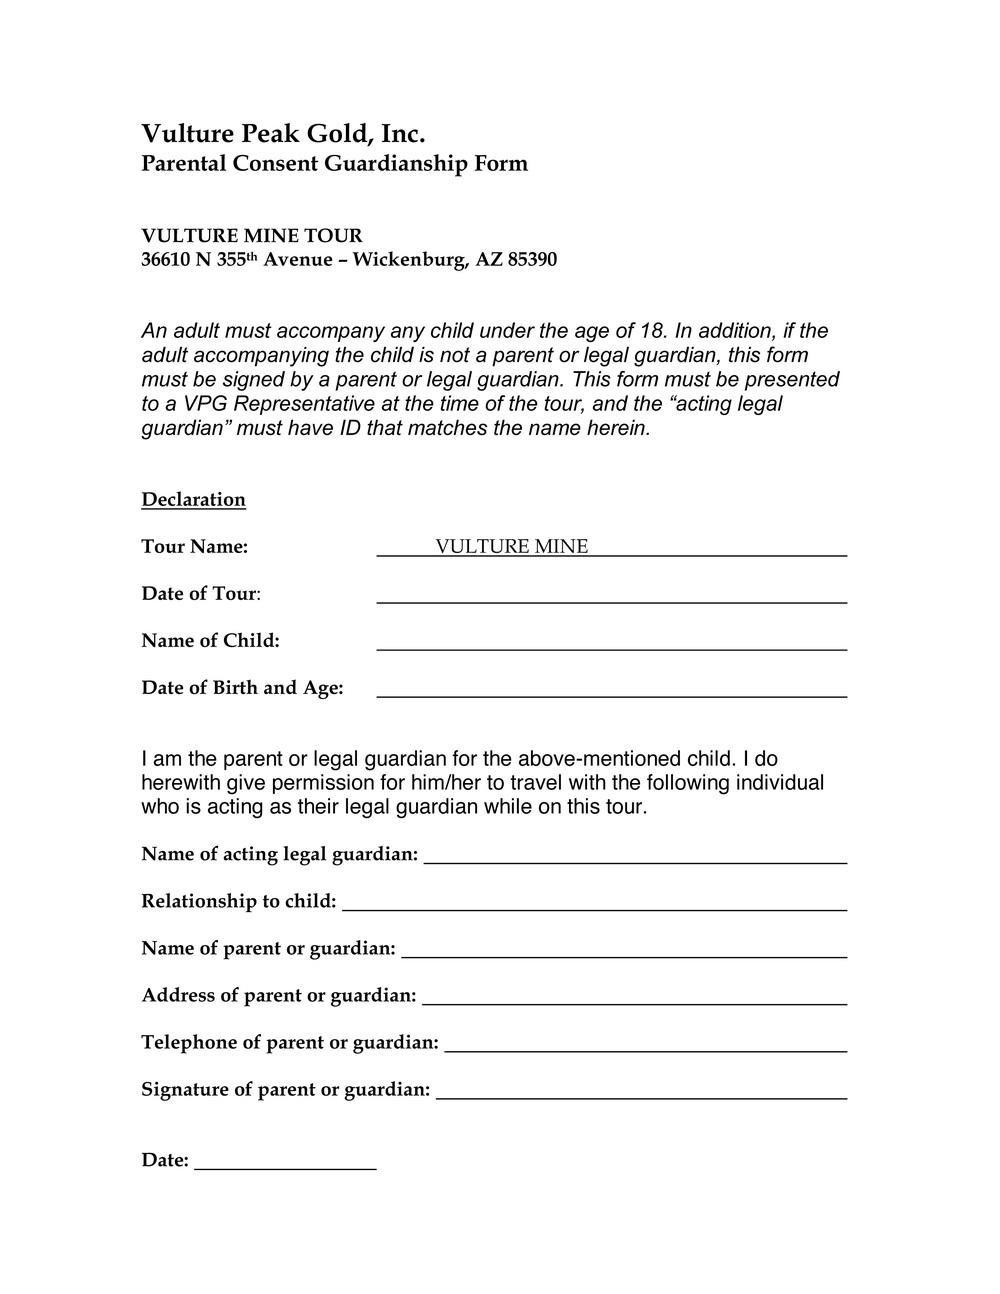 Consent Form | Parental Consent Form Vulture Mine